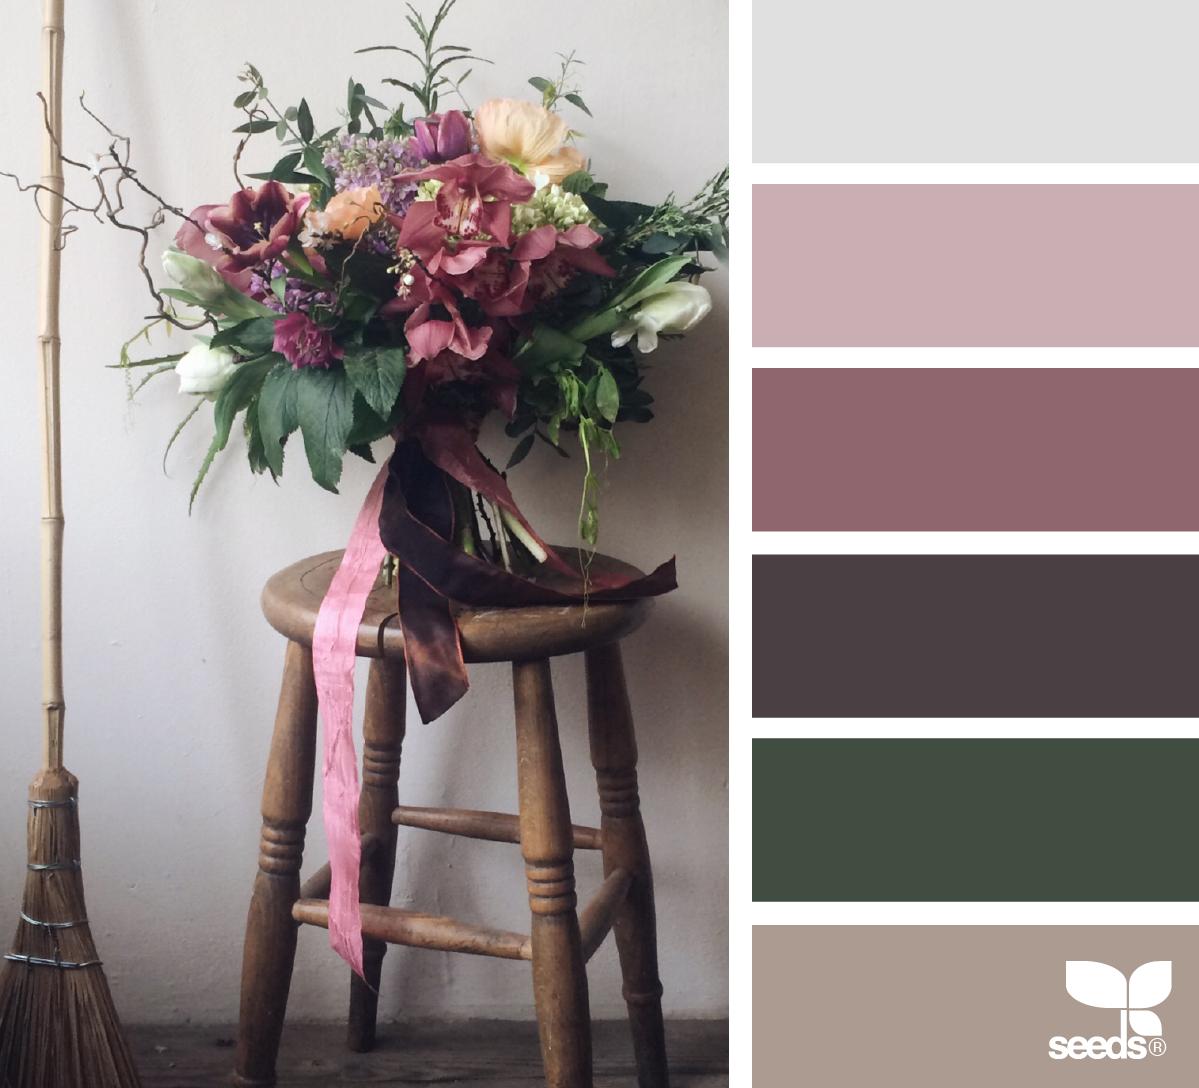 Accented Neutral Color Scheme Bedroom: Seeds Color, Design Seeds Color Palette